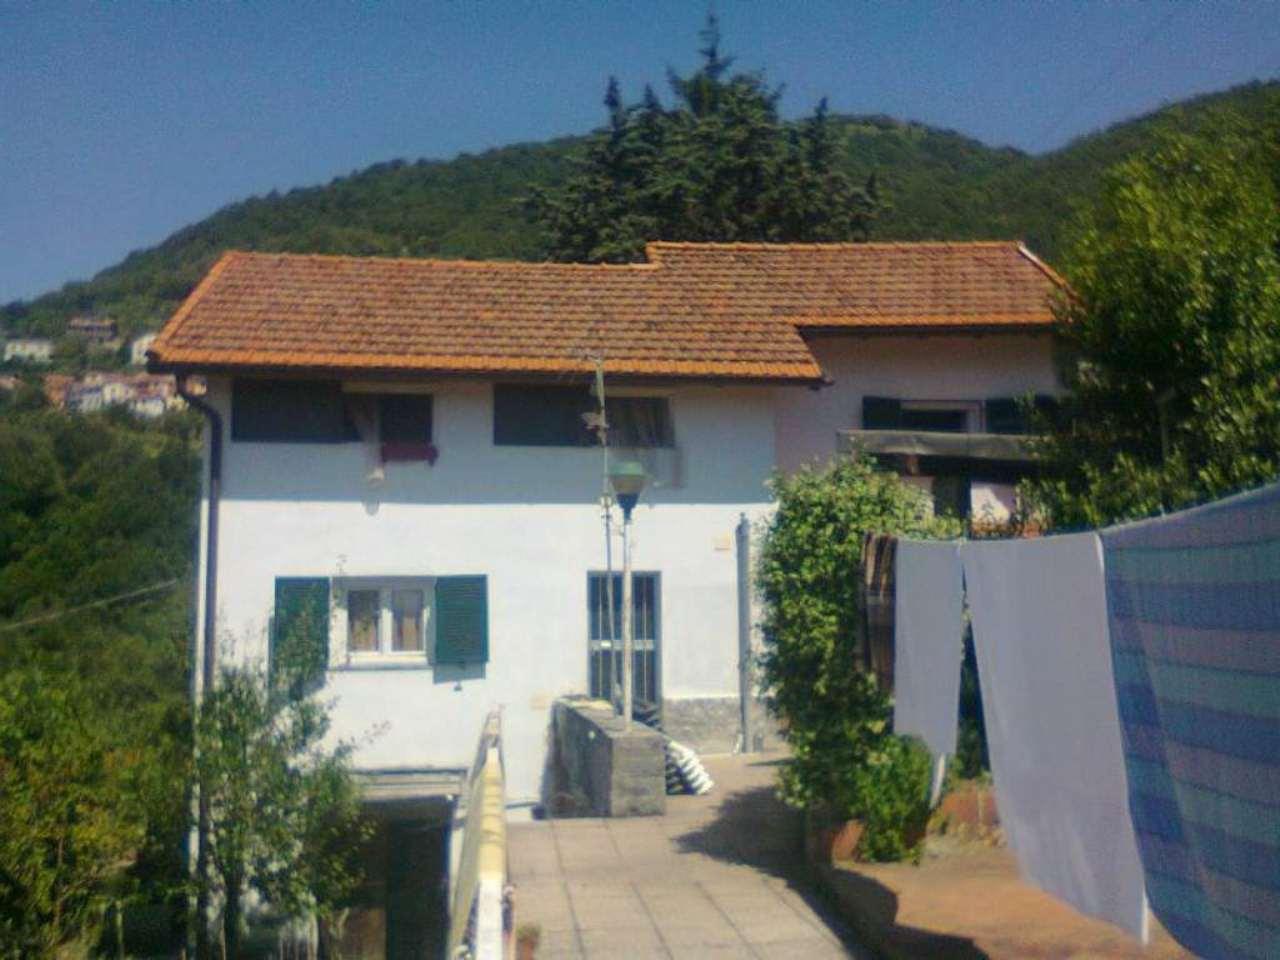 Soluzione Indipendente in vendita a Davagna, 6 locali, prezzo € 190.000 | Cambio Casa.it